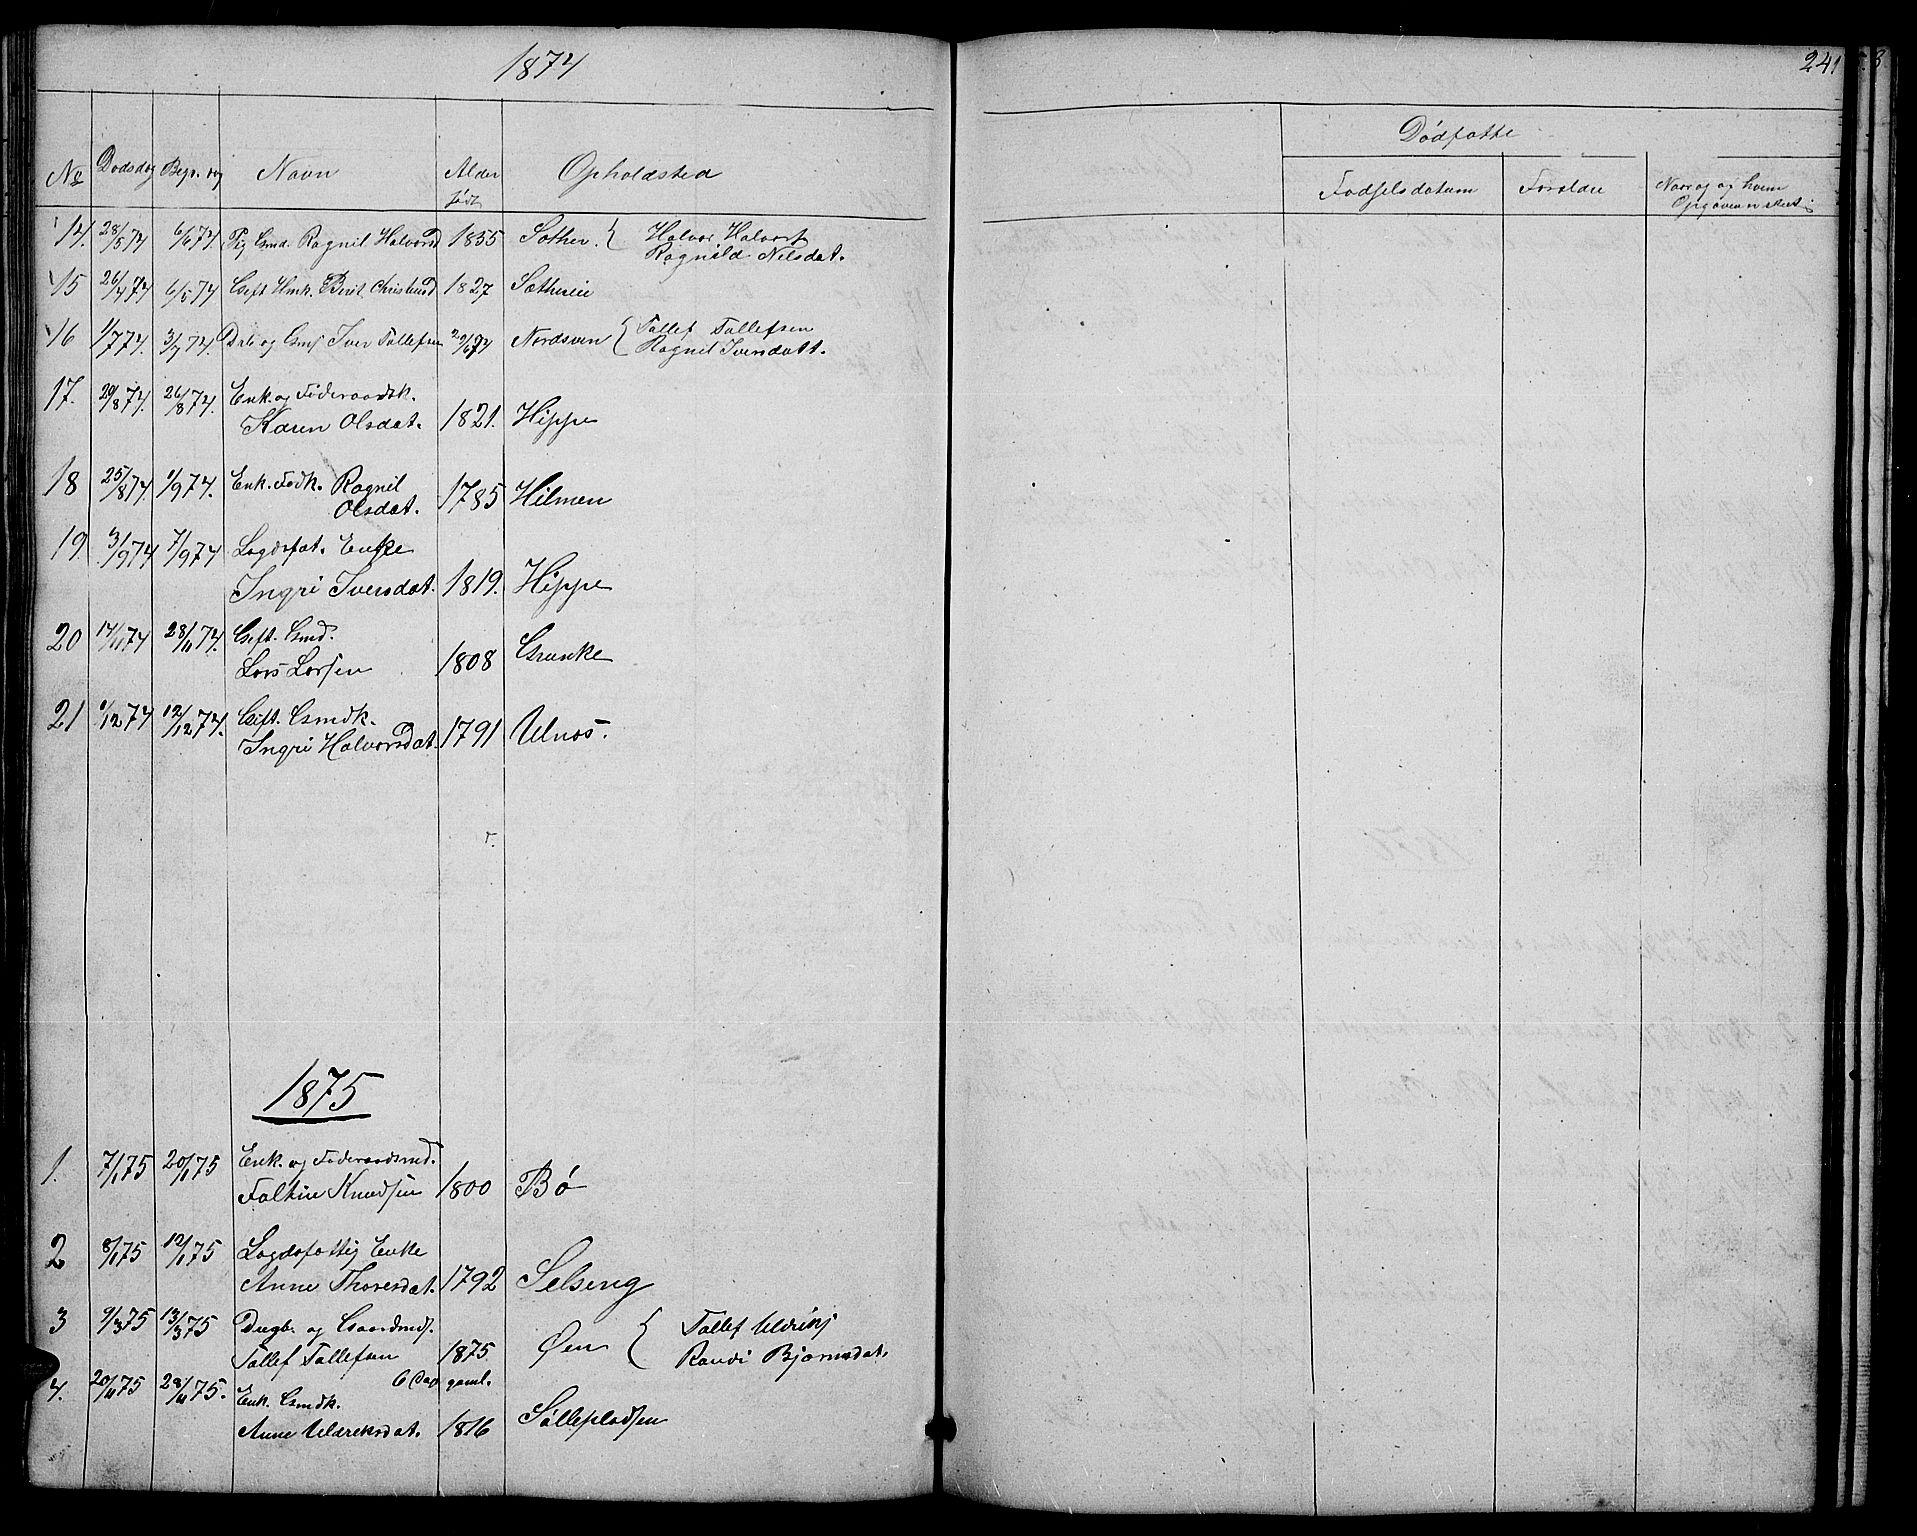 SAH, Nord-Aurdal prestekontor, Klokkerbok nr. 4, 1842-1882, s. 241